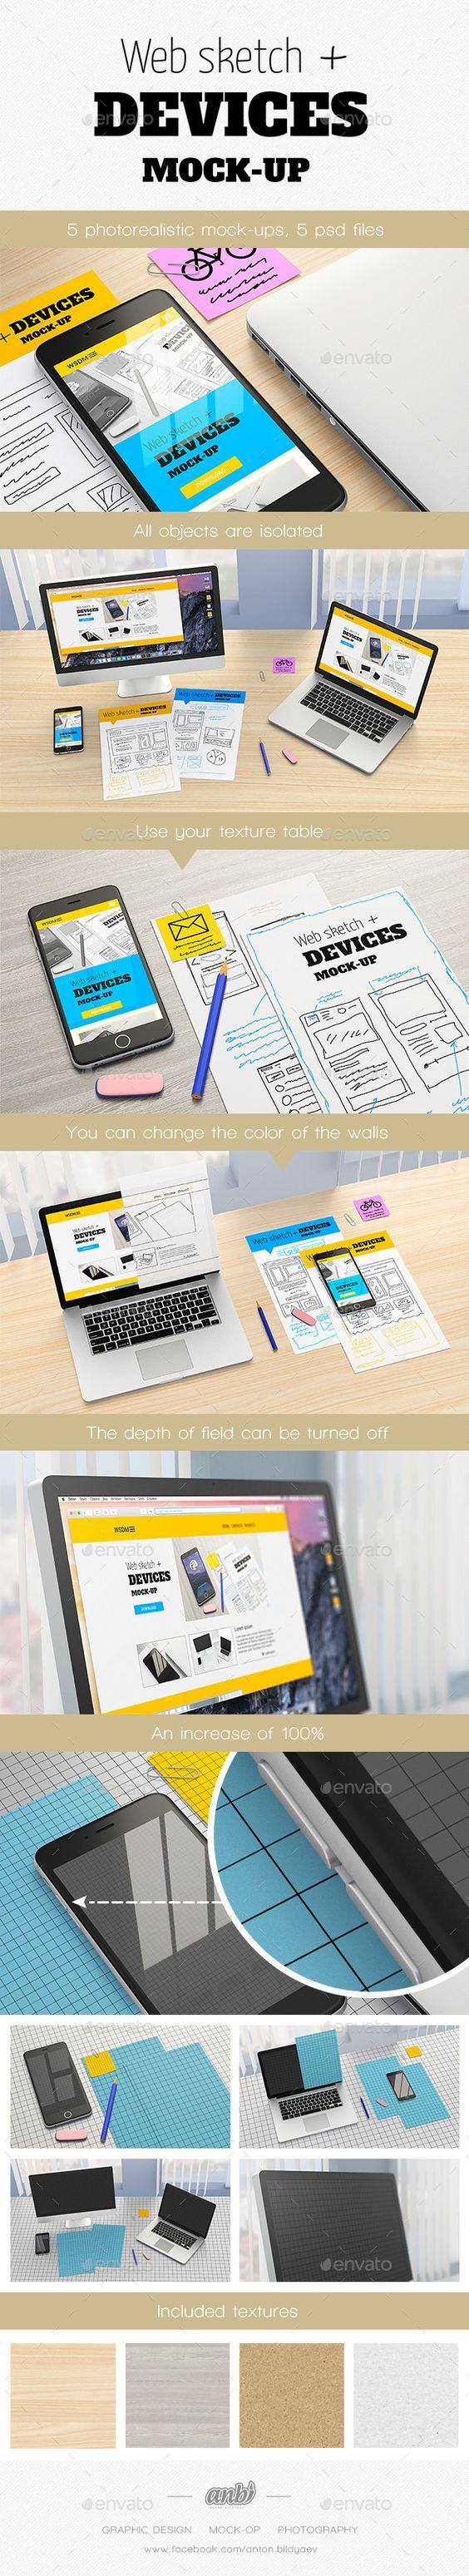 Web sketch + Devices Mock-up #design Download: http://graphicriver.net/item/web-sketch-devices-mockup/12285404?ref=ksioks